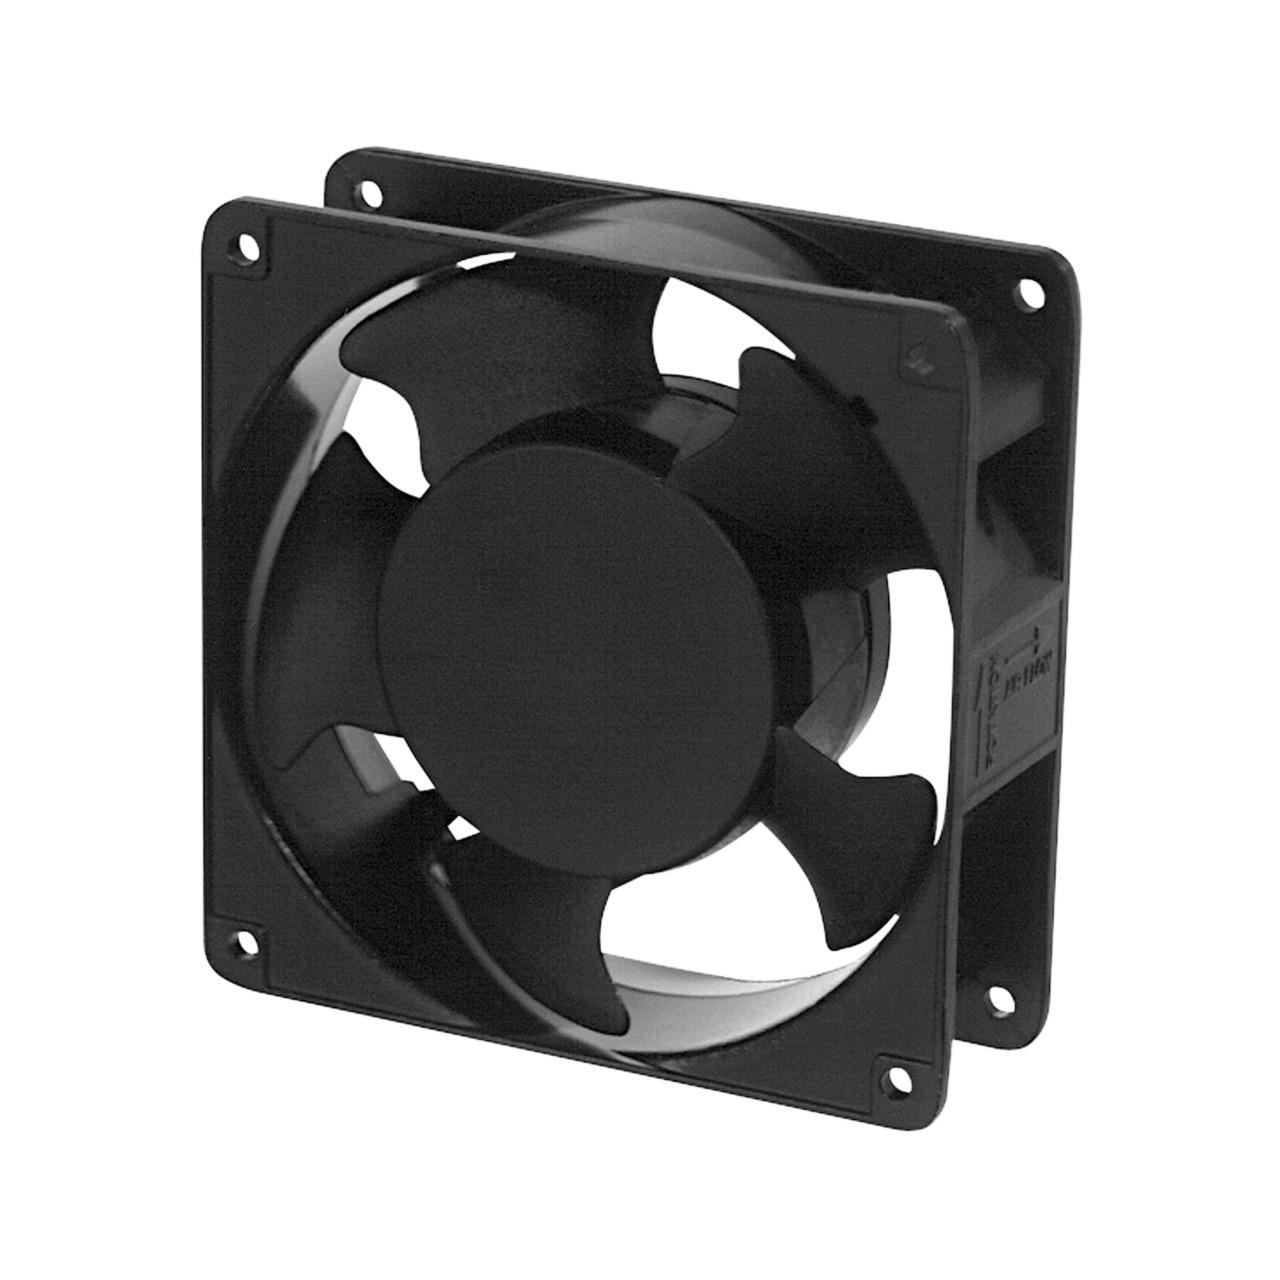 SUNON 230-V-Axial-Lüfter DP201A2123HST-GN 120 x 120 x 38 mm